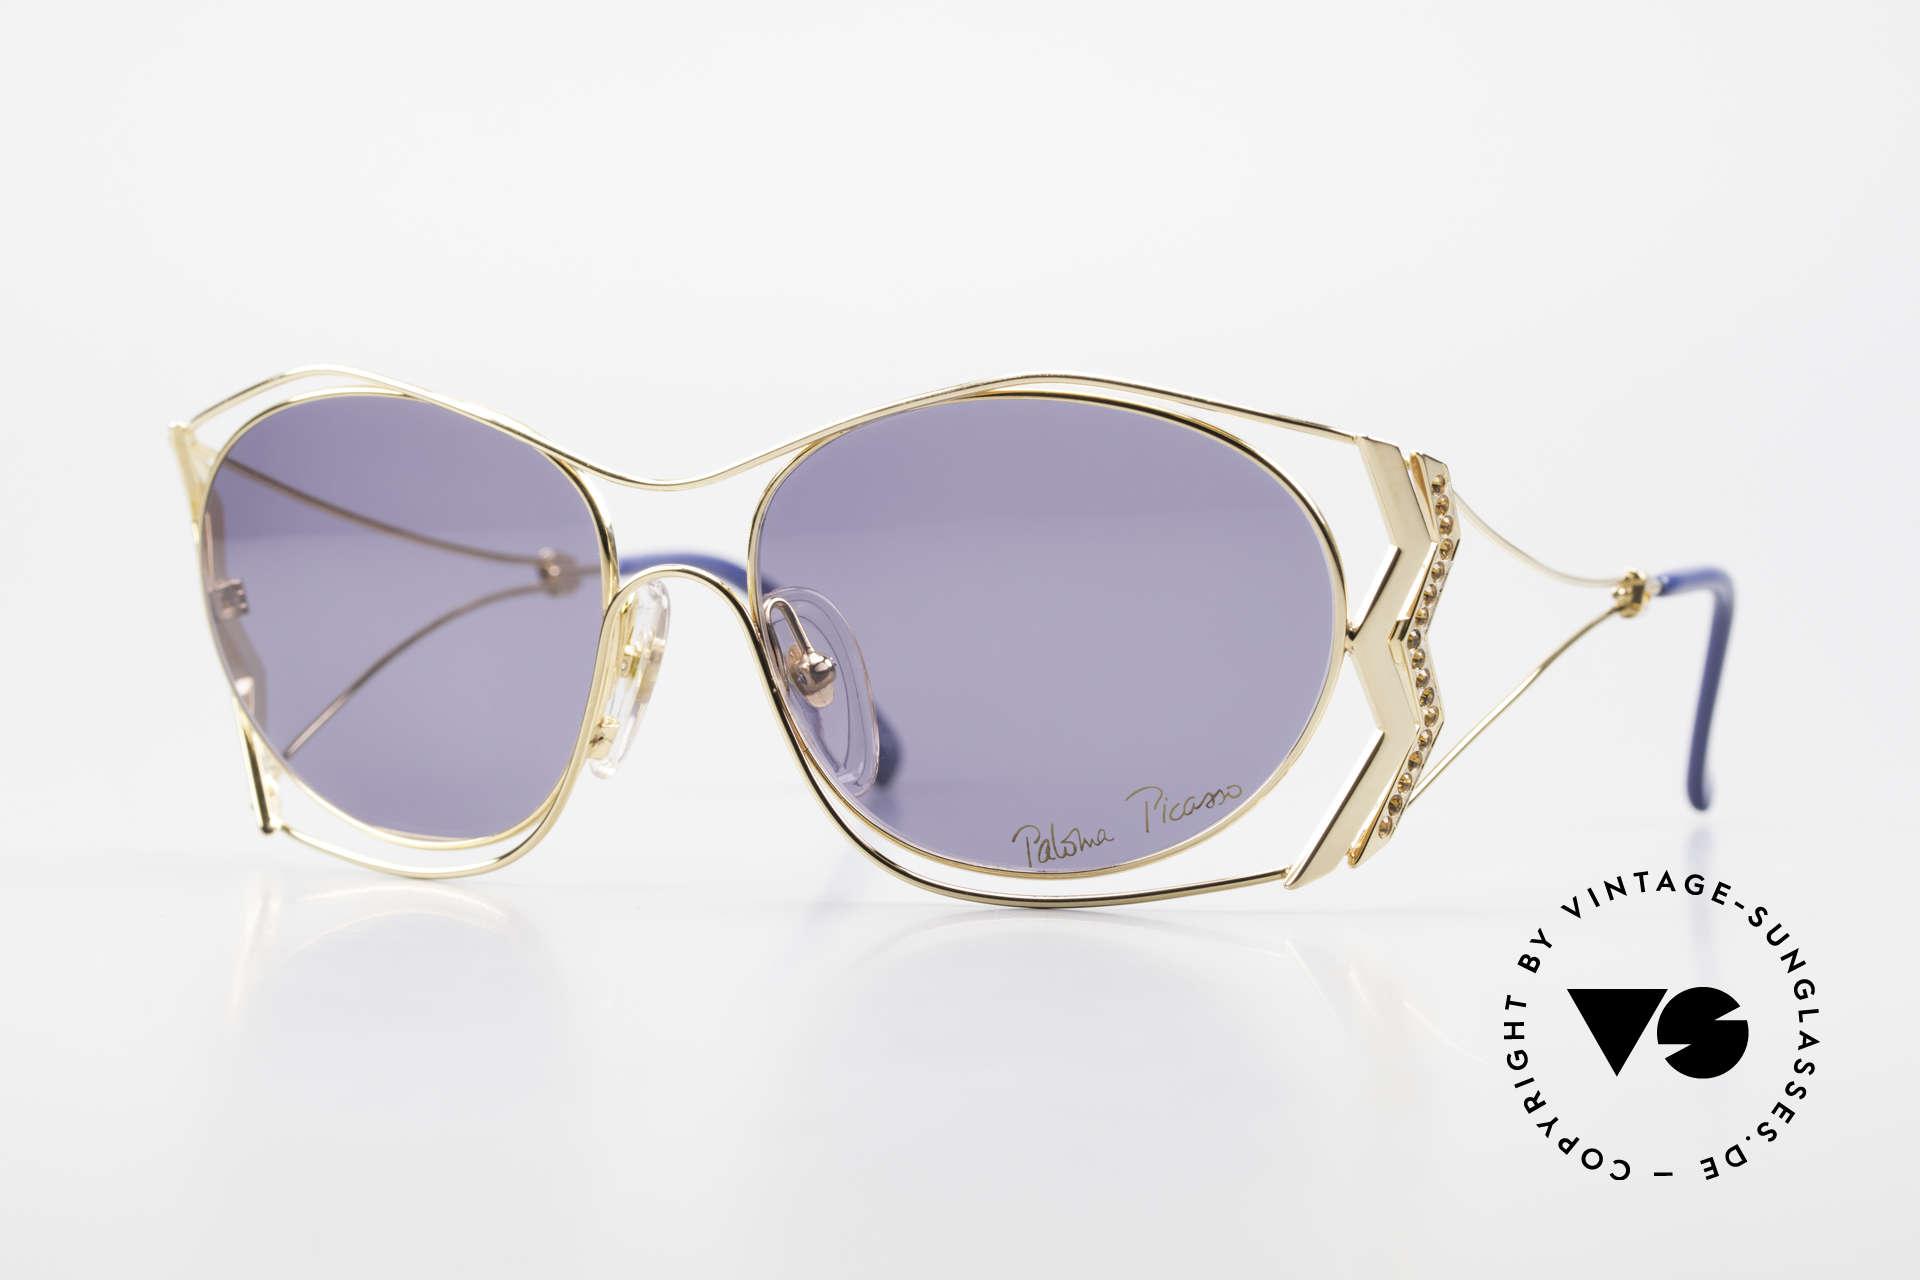 Paloma Picasso 3707 90er Sonnenbrille Vergoldet, Picasso 90er Sonnenbrille, vergoldet & Topaz Strass, Passend für Damen